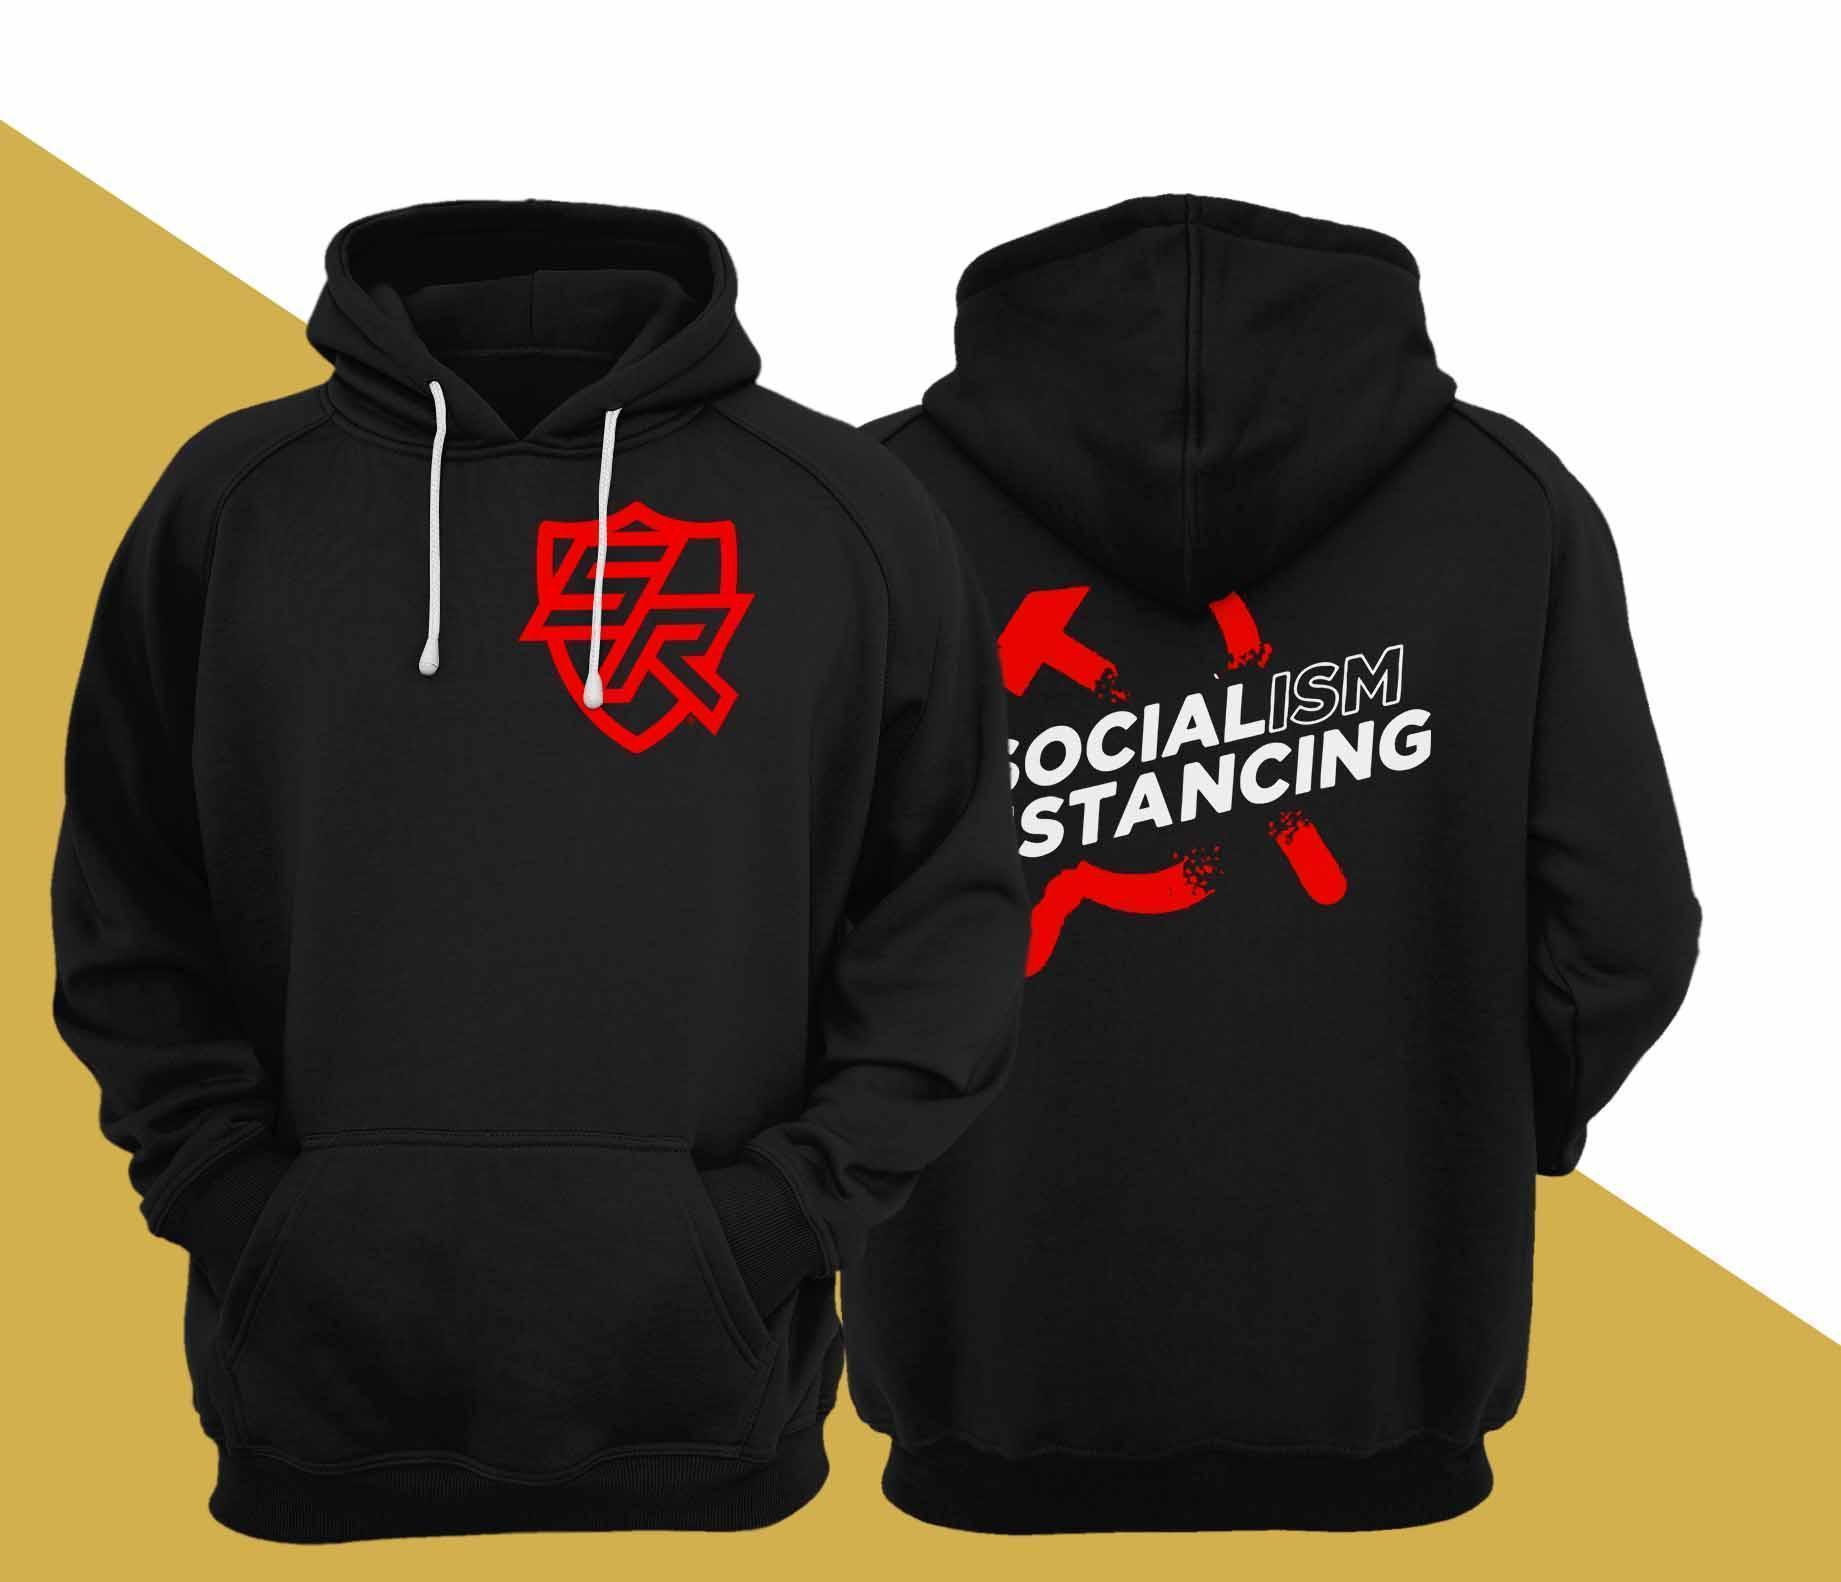 Socialism Distancing Hoodie